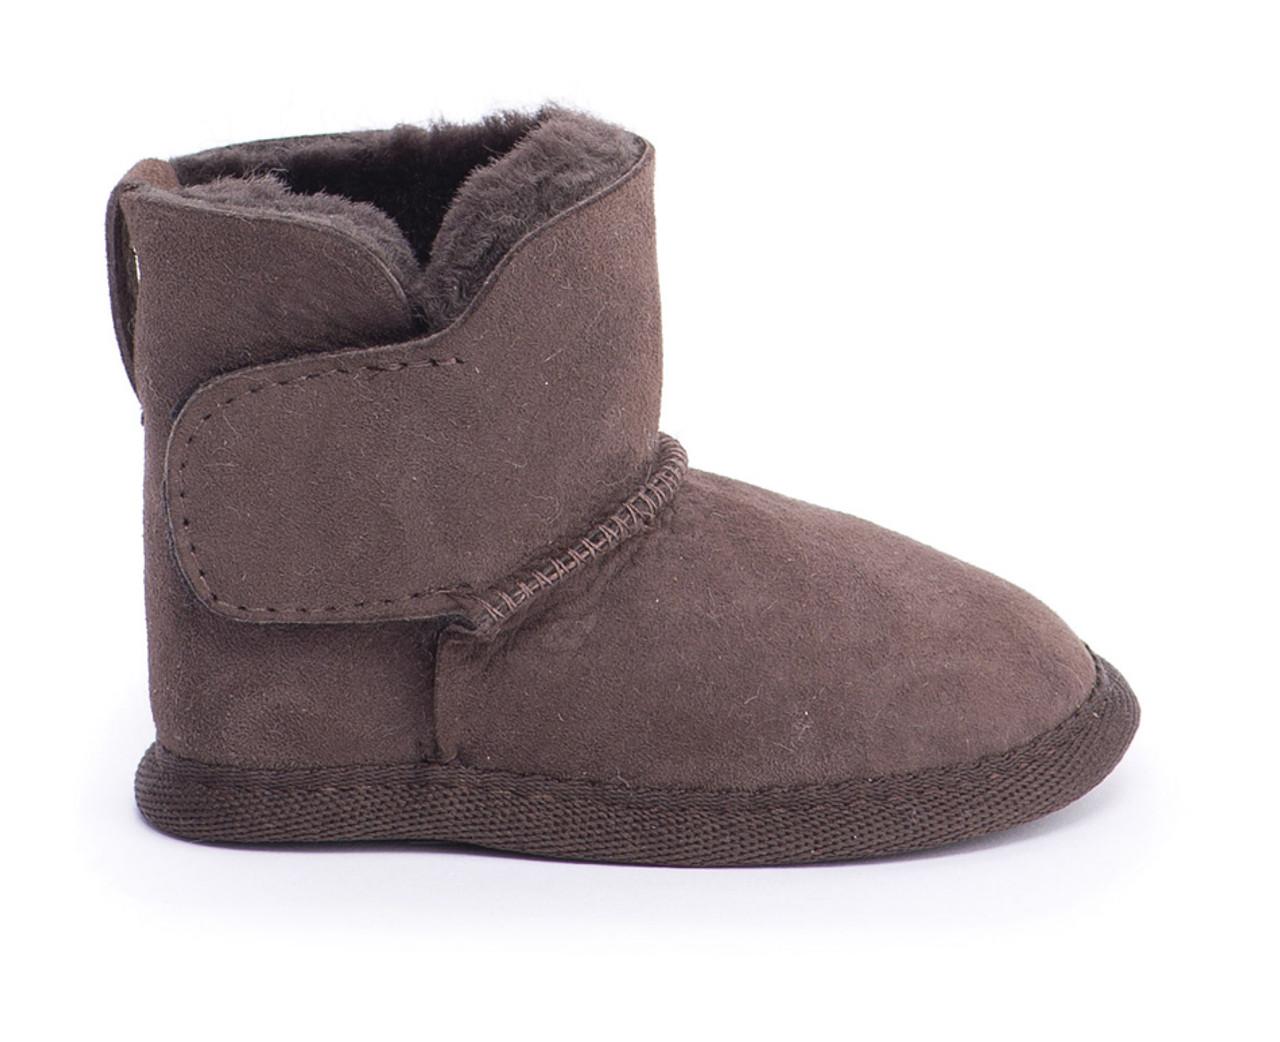 045de8e58ea Emu Baby Bootie - Chocolate (LAST PAIR LEFT - SIZE 0-6M)